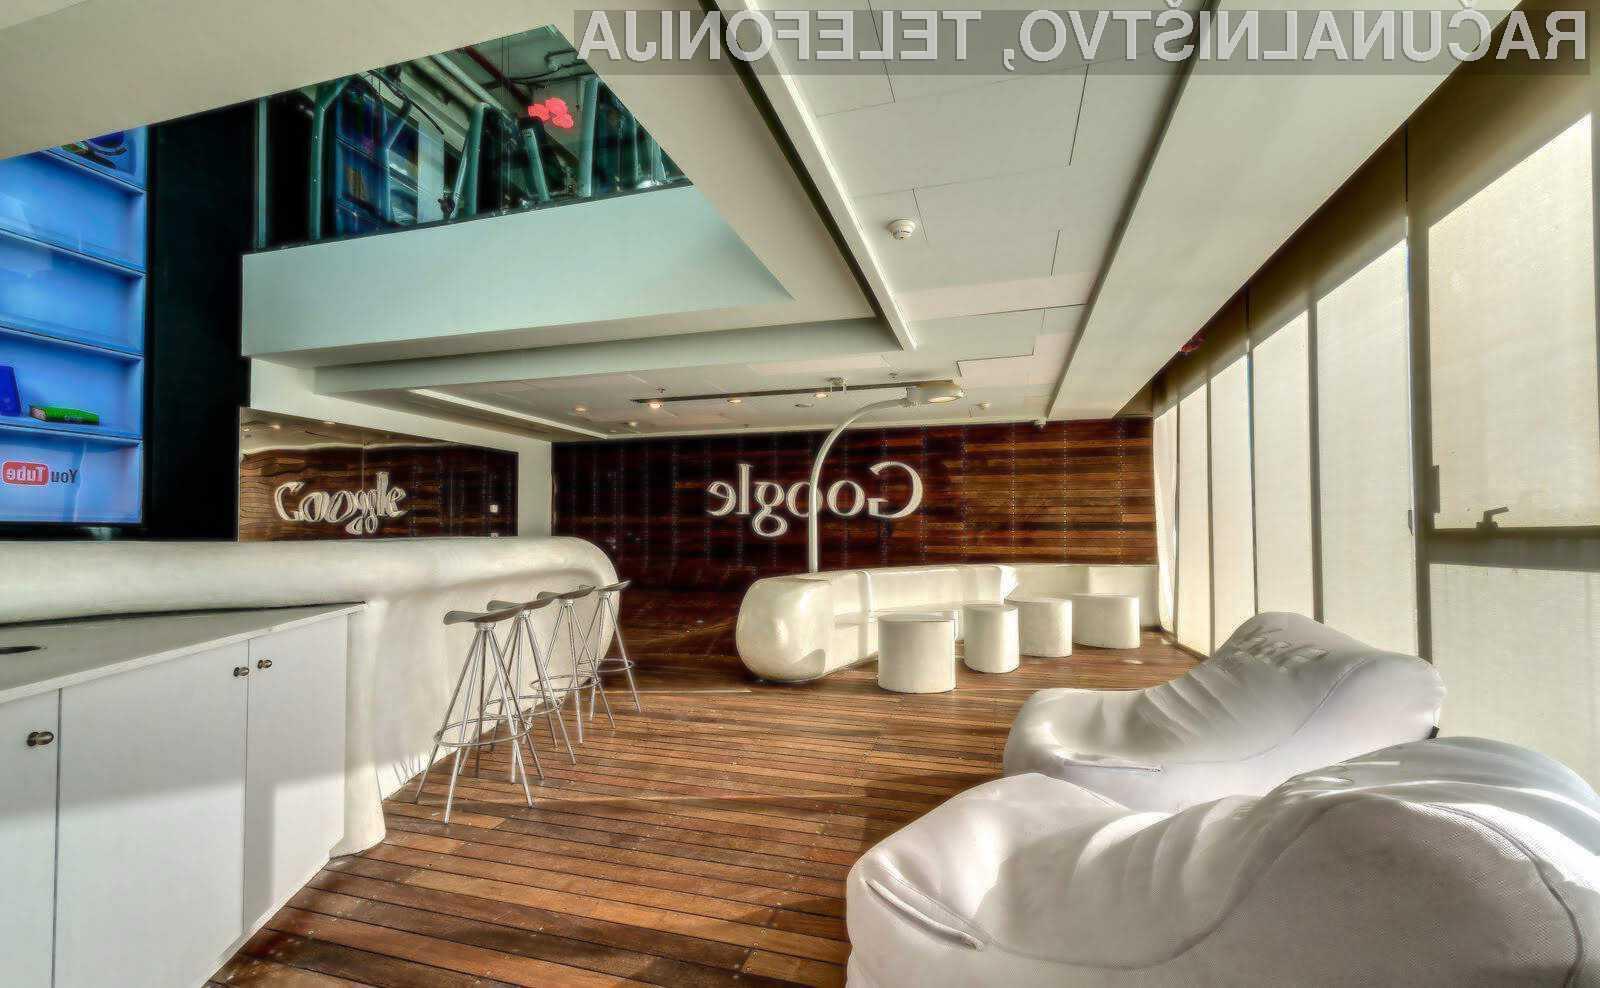 Podjetje Google je trenutno najboljši delodajalec v Silicijevi dolini!